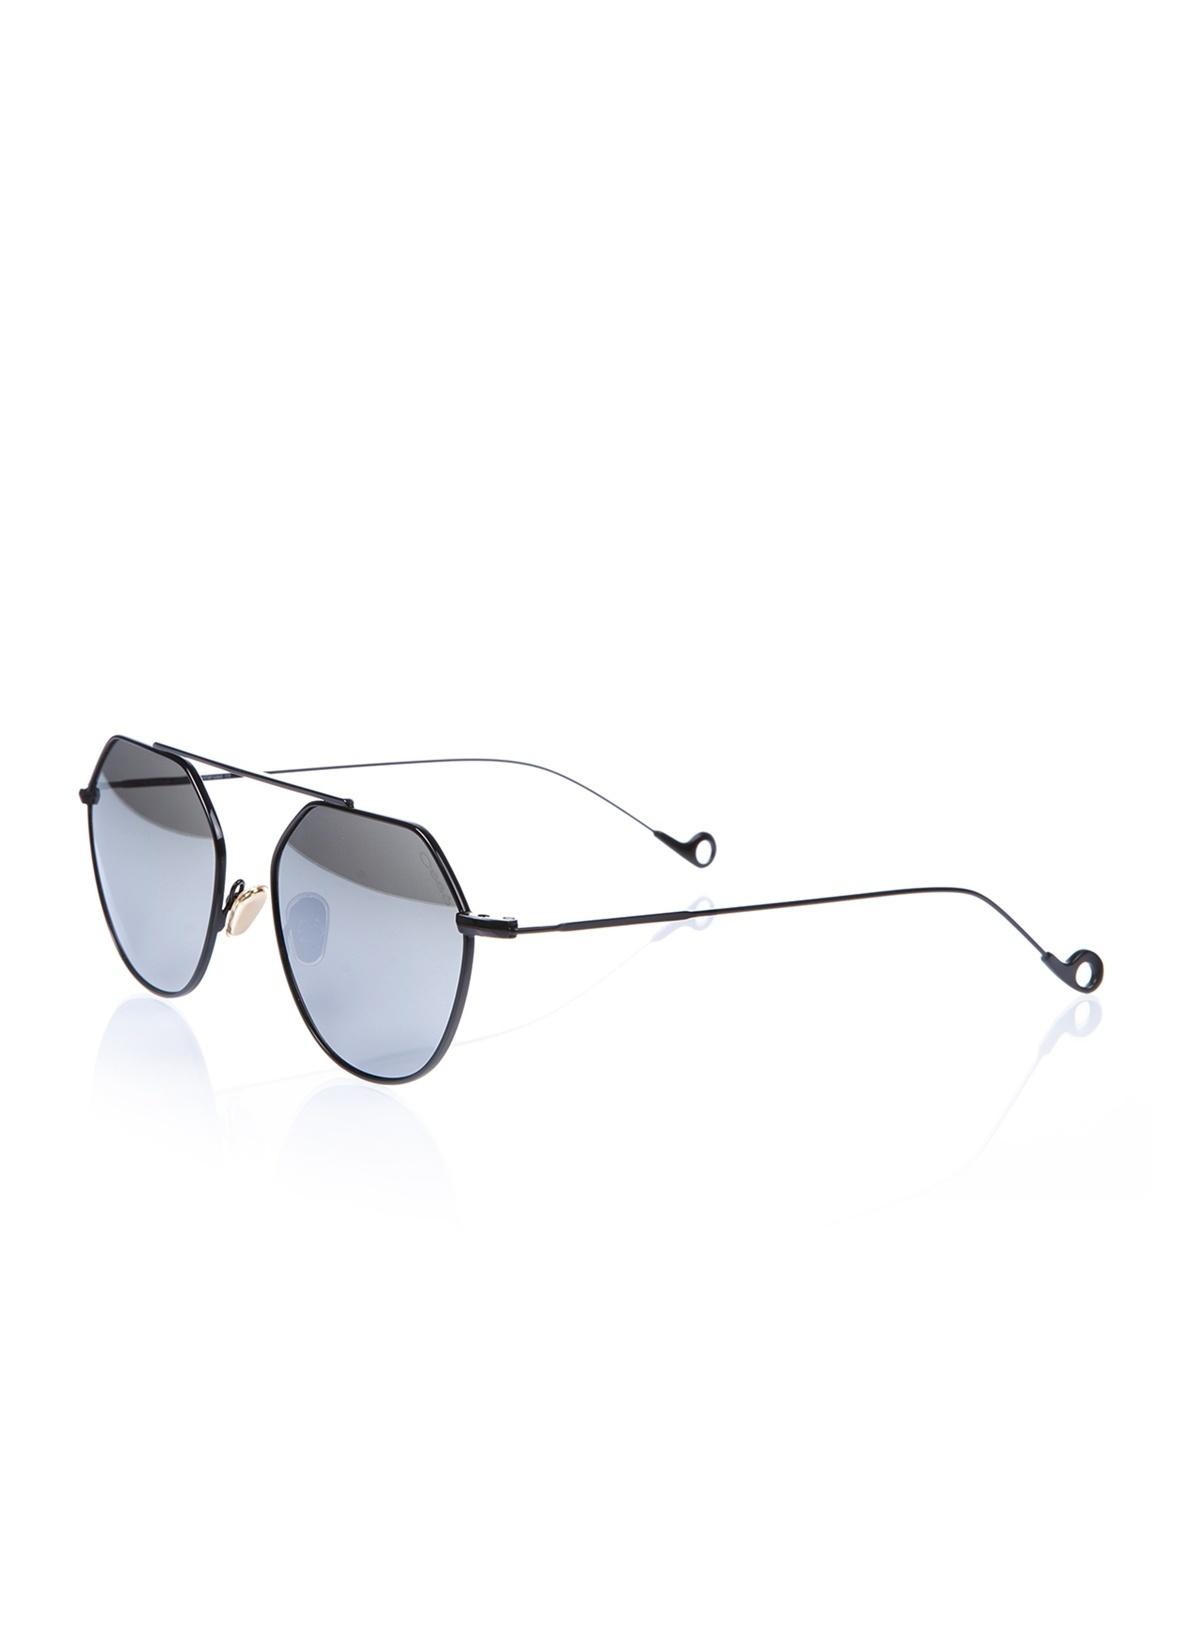 Osse Güneş Gözlüğü Os 2655 03 Unisex Güneş Gözlüğü – 319.76 TL